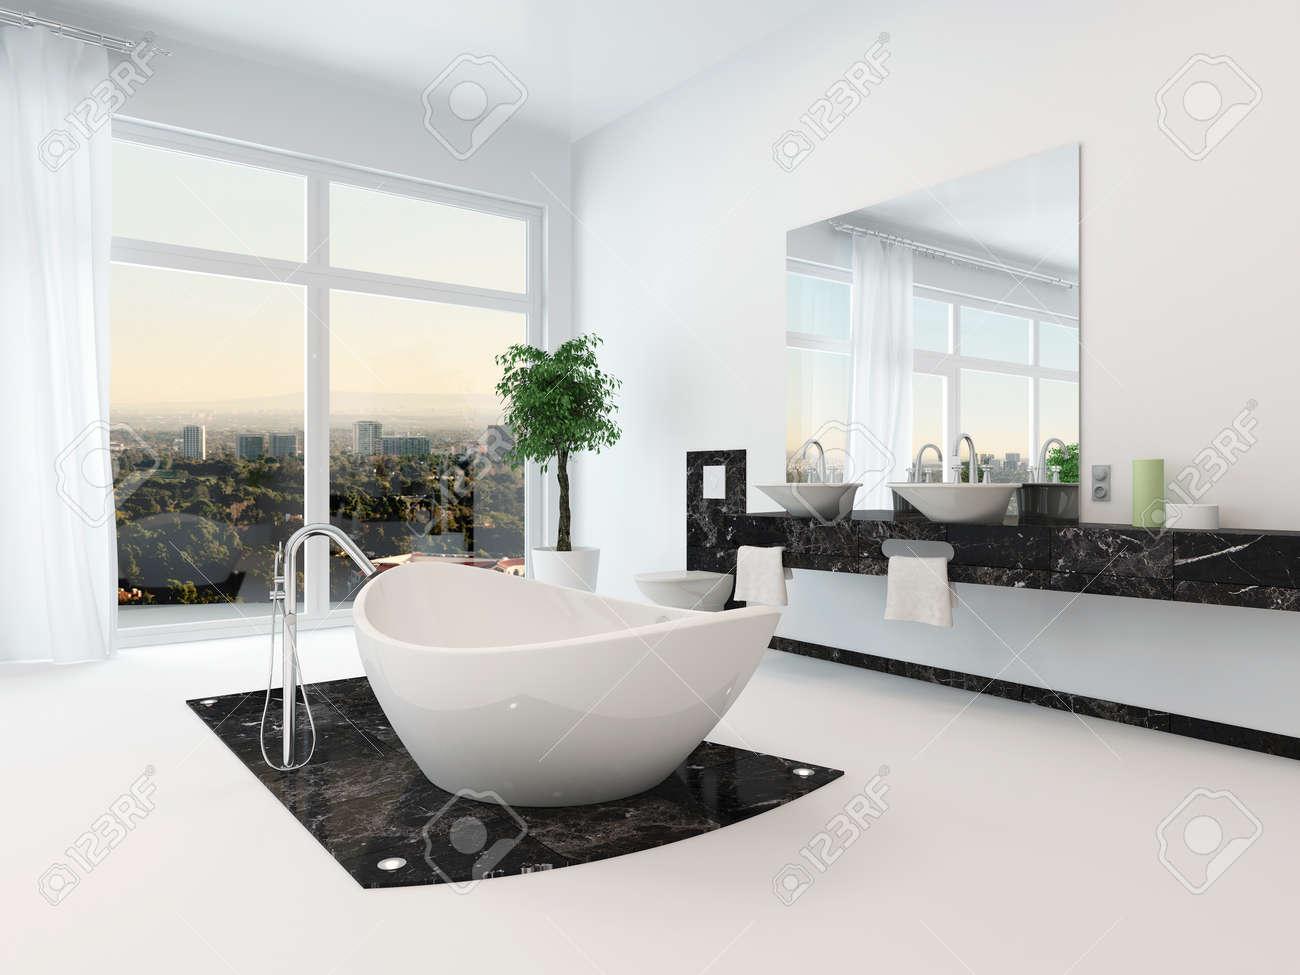 Intérieur de salle de bains de luxe avec une belle baignoire sur pieds blanc